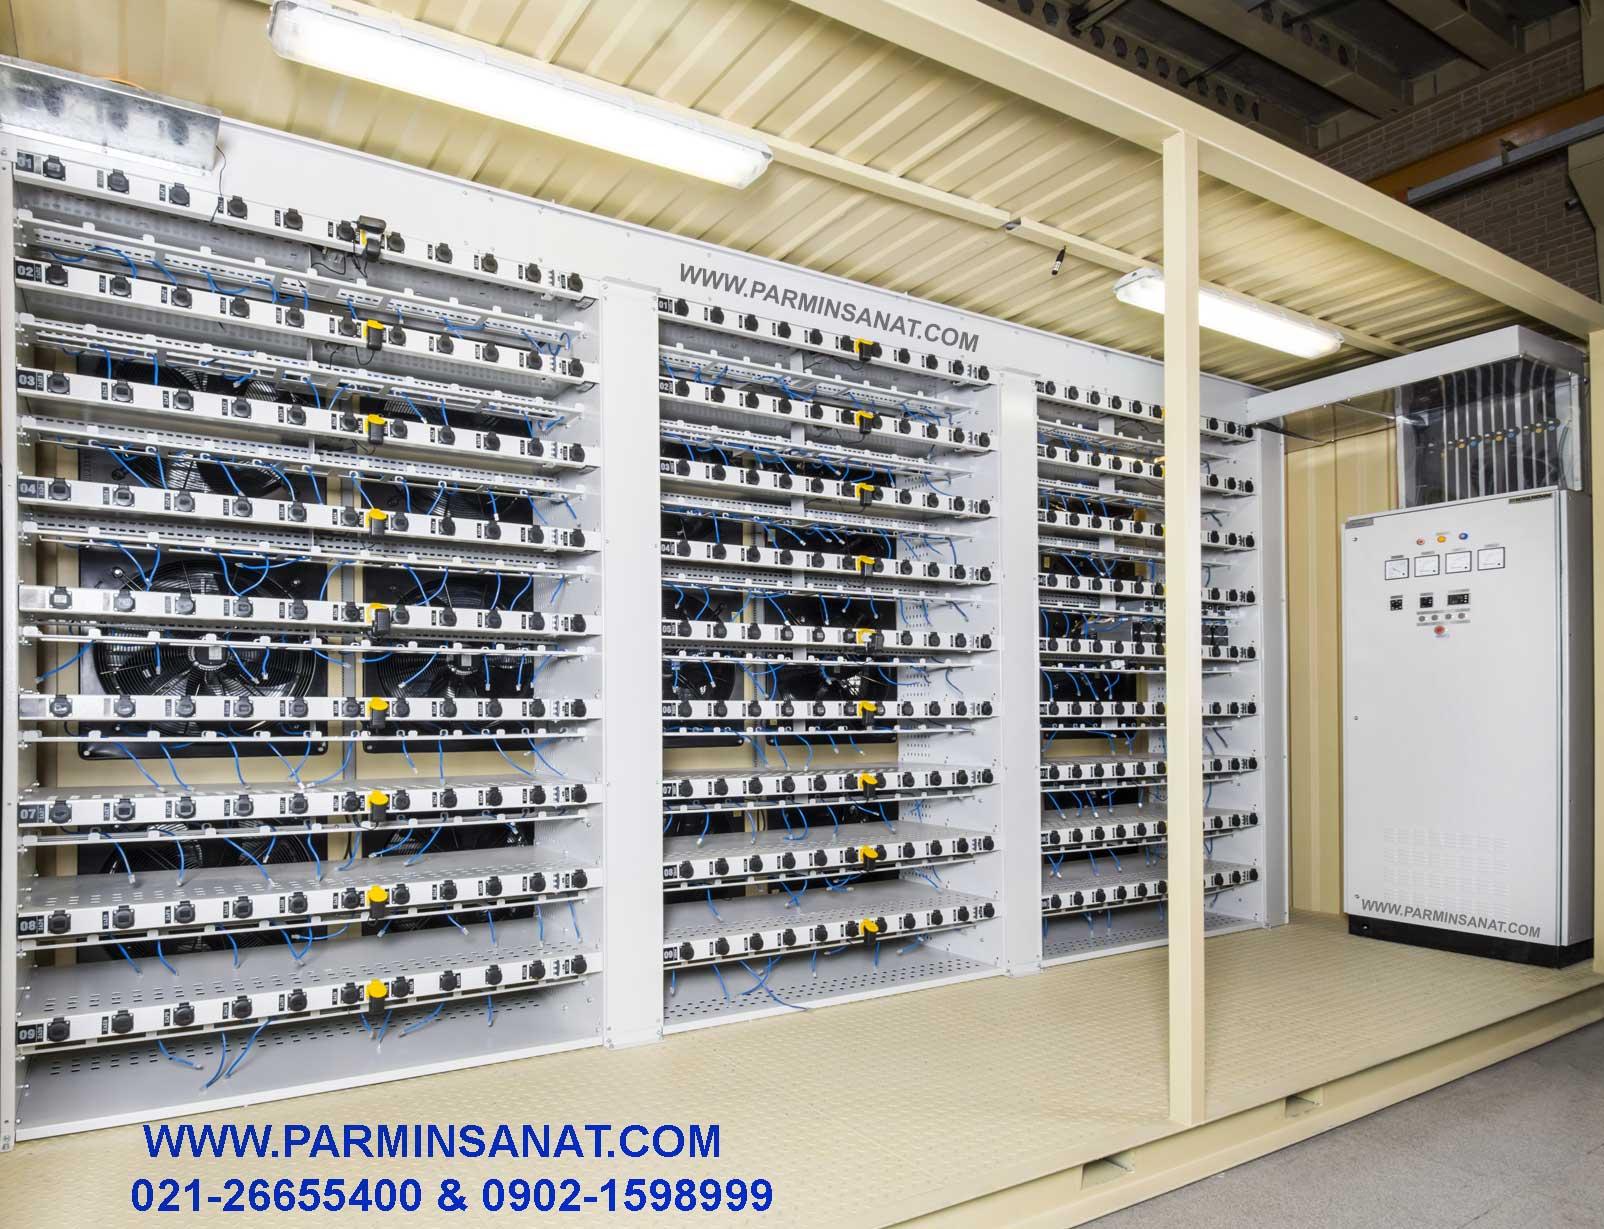 تابلوبرق ماینر و سیستم توزیع برق با باس داکت